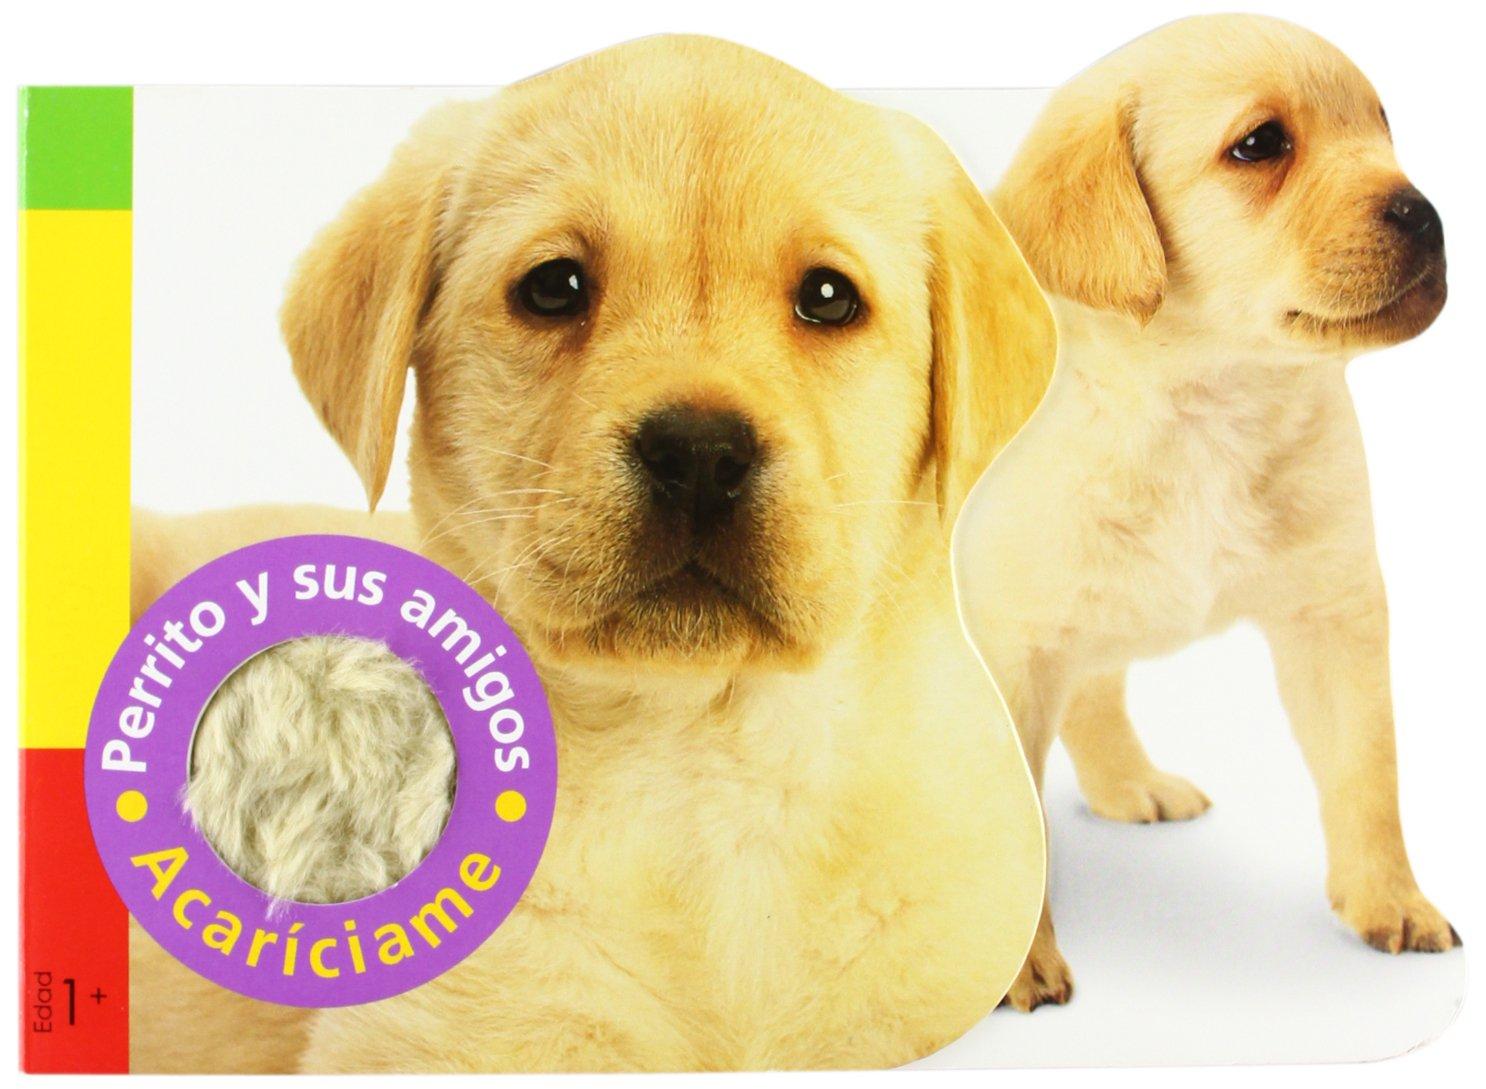 Perrito y sus amigos (Acariciame) Tapa dura – 30 ene 2009 Roger Priddy Consuelo Gallego Perales 8479423145 Animals - Dogs